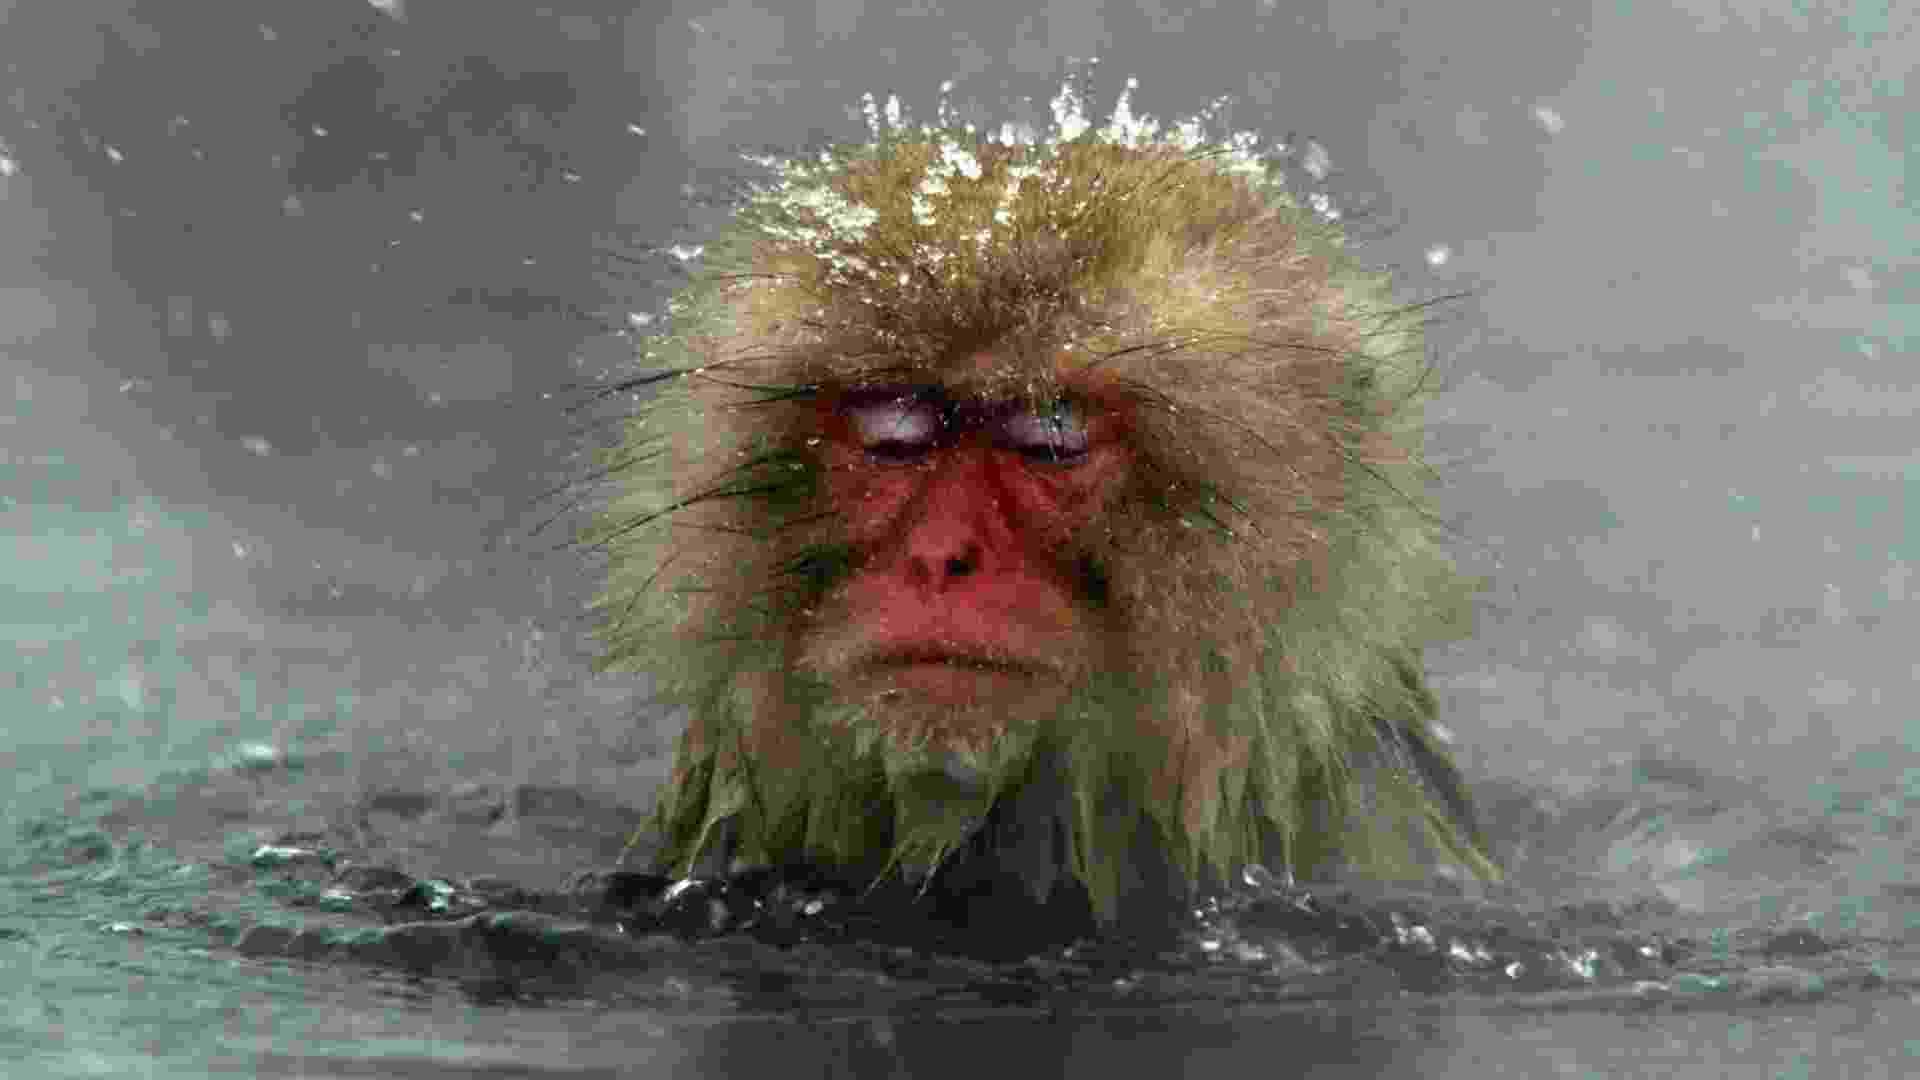 """7.dez.2006 - Macacos-japoneses, conhecidos como """"macacos da neve"""", tomam banho ao ar livre em fonte termal do parque Jigokudani, na cidade de Yamanouchi (Japão). Cerca de 160 animais habitam a área e são atrações turísticas - EFE"""